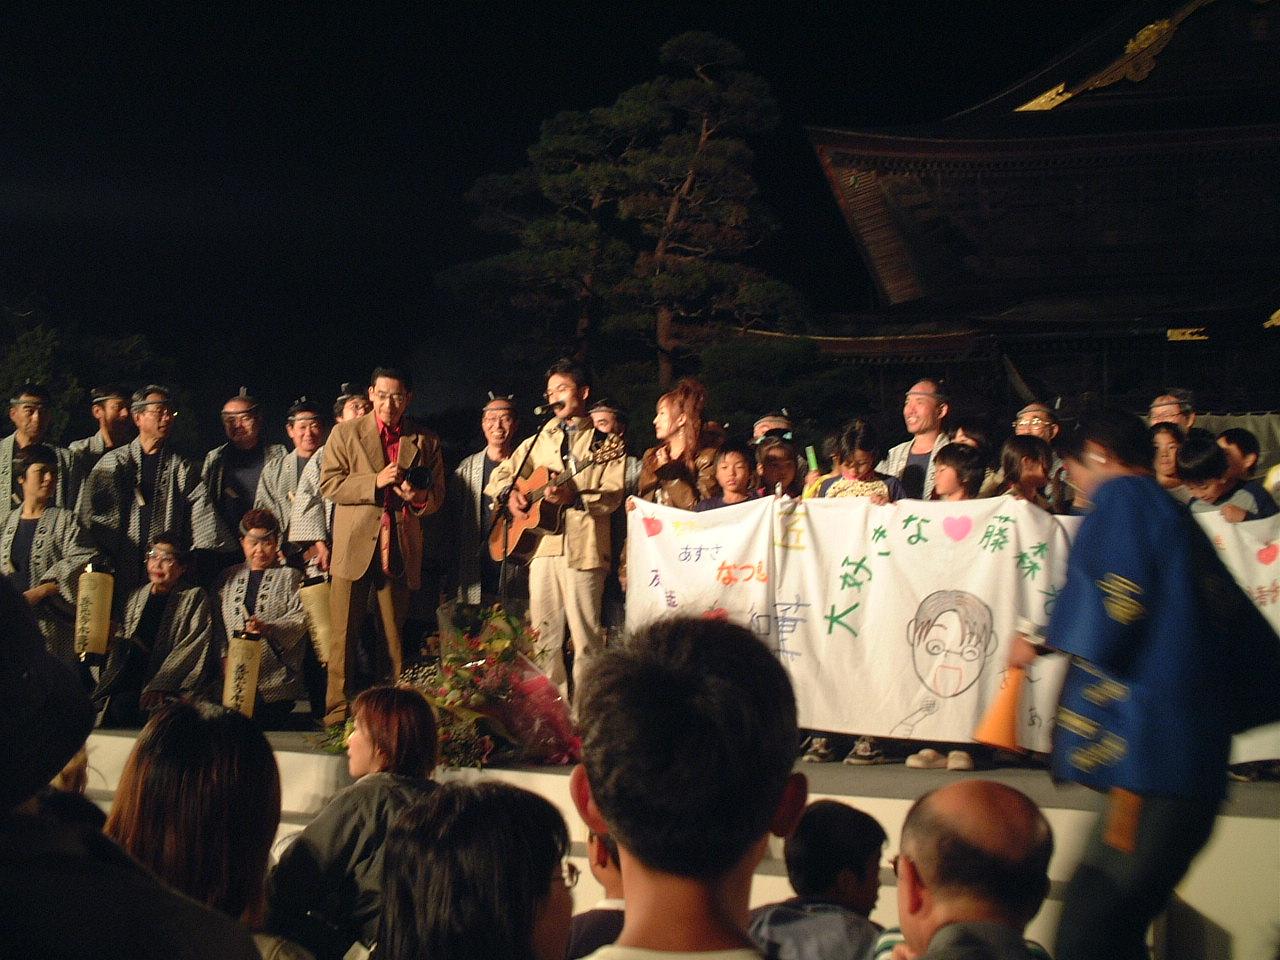 本番の最後には担任していた坂井小4年生の子どもたちが横断幕を持ってステージに。